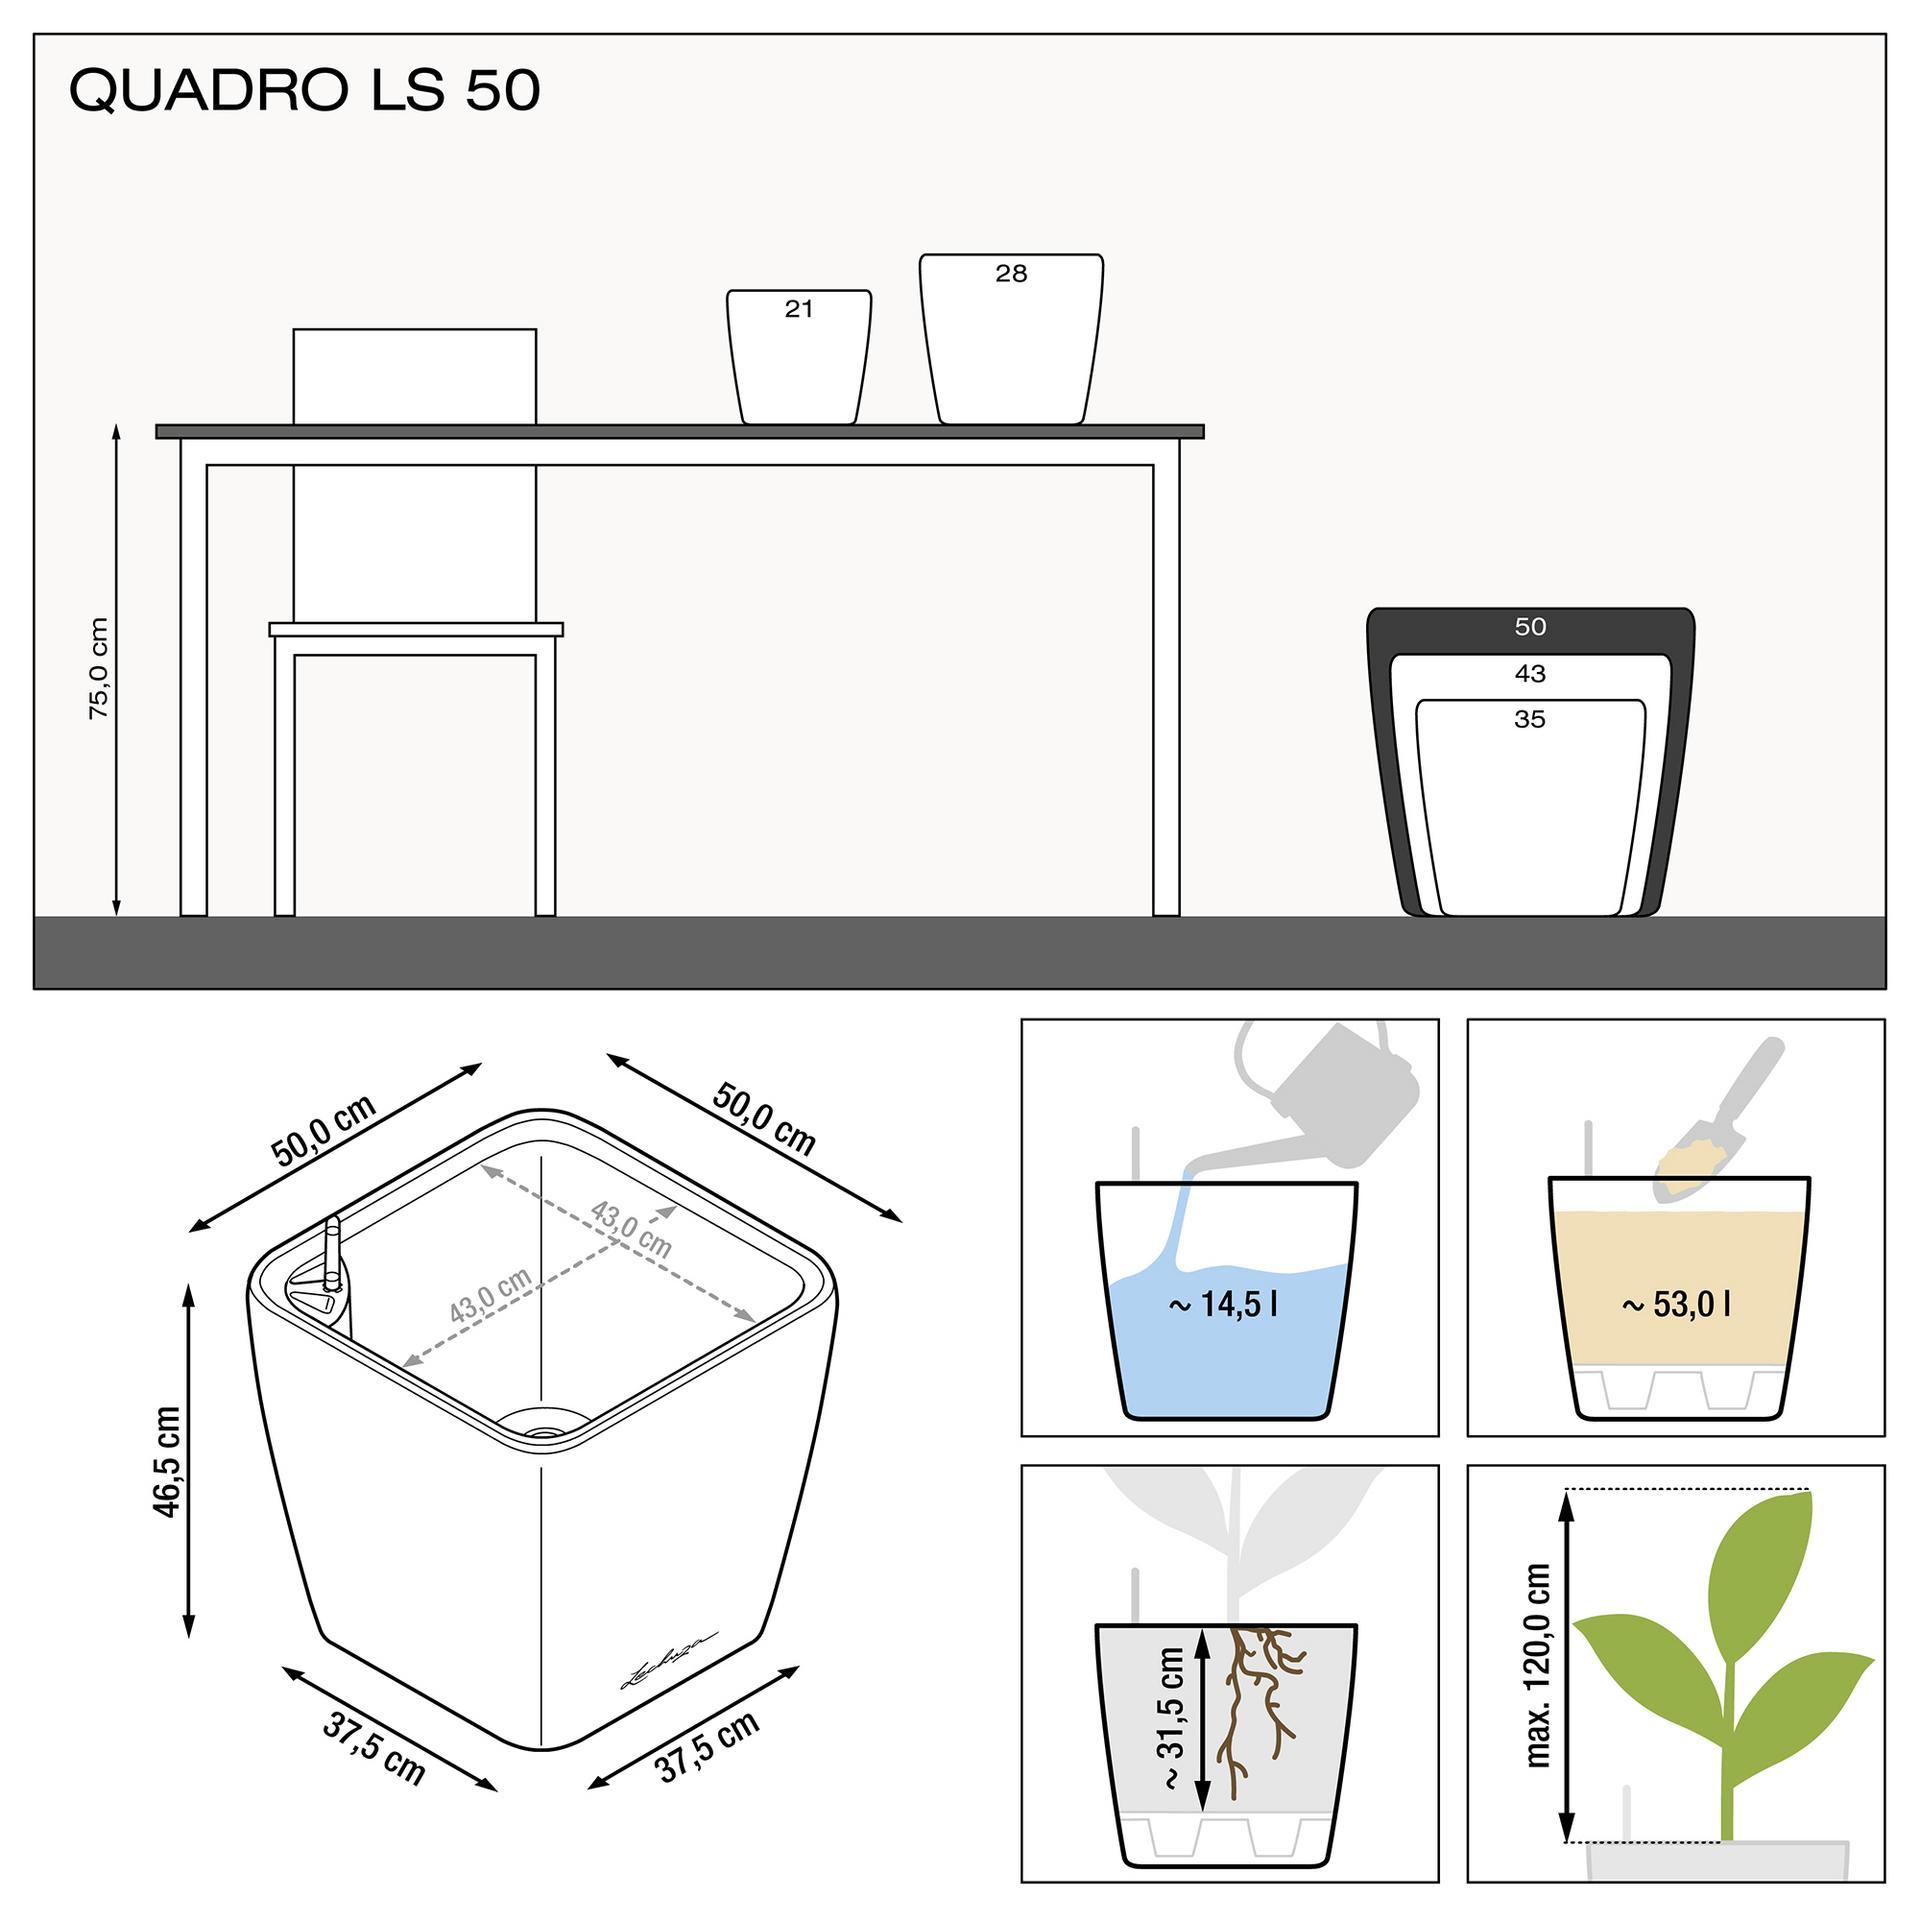 le_quadro-ls50_product_addi_nz